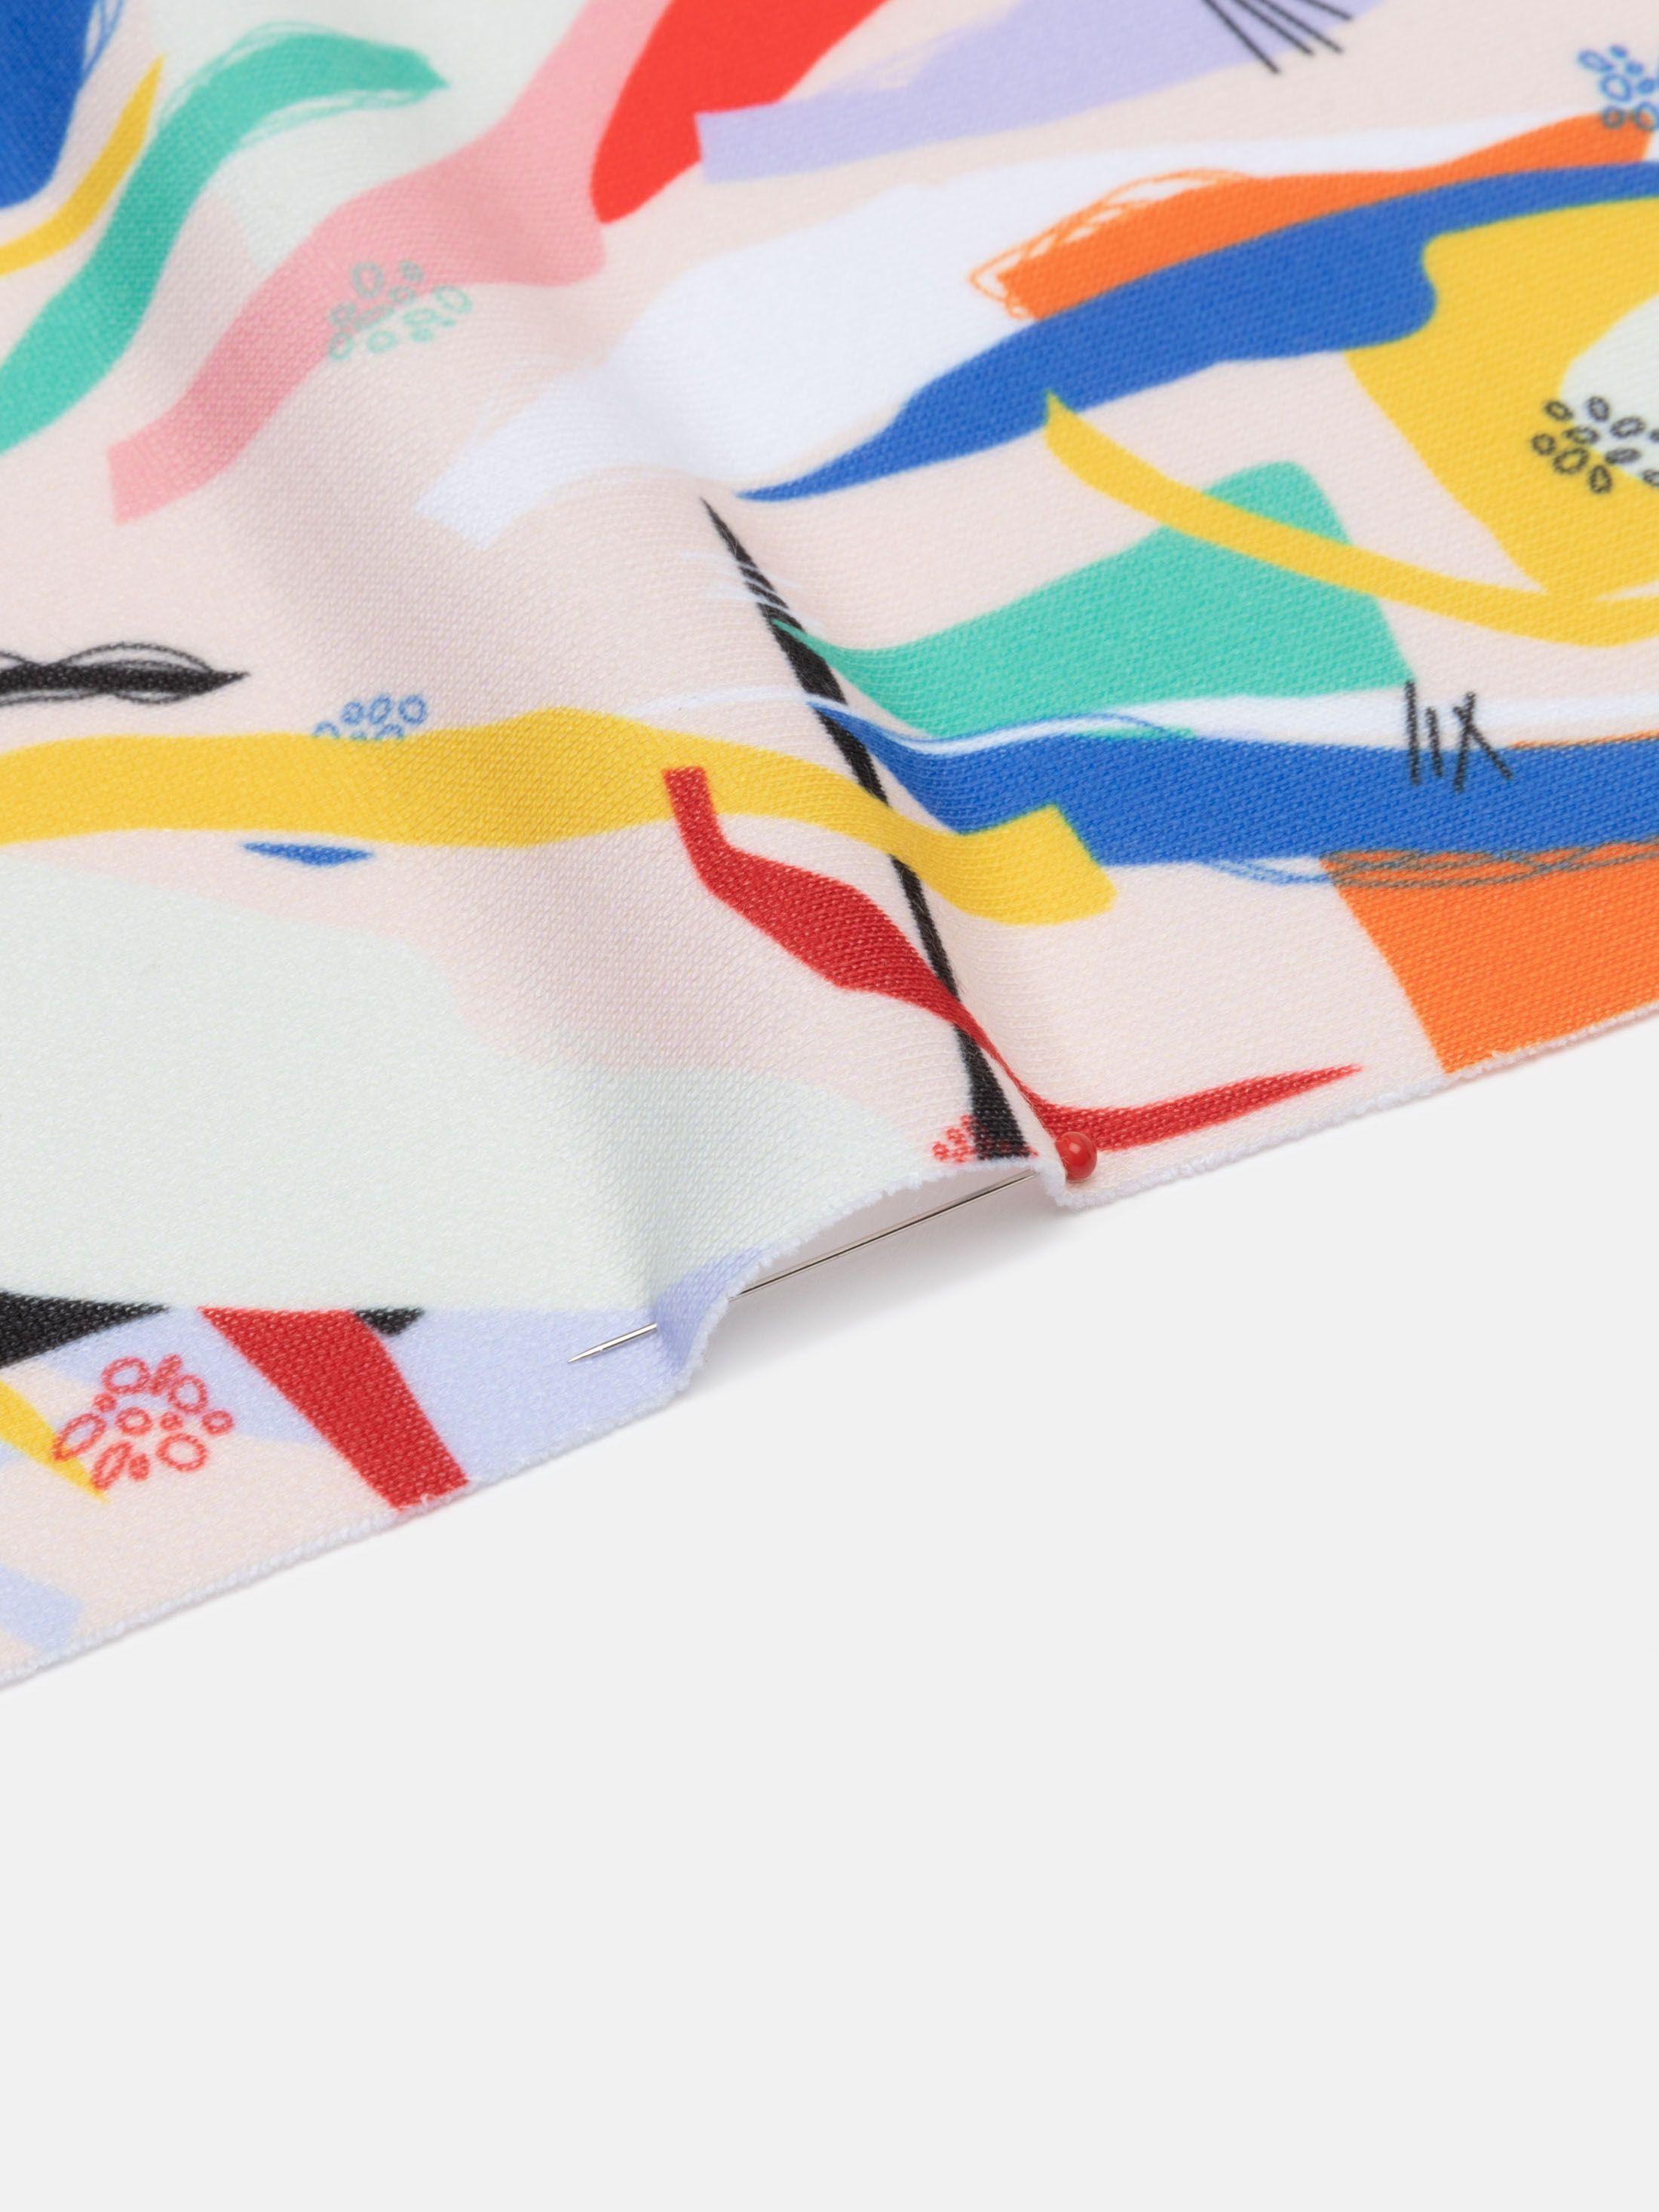 スウェット ジャージー 布 印刷